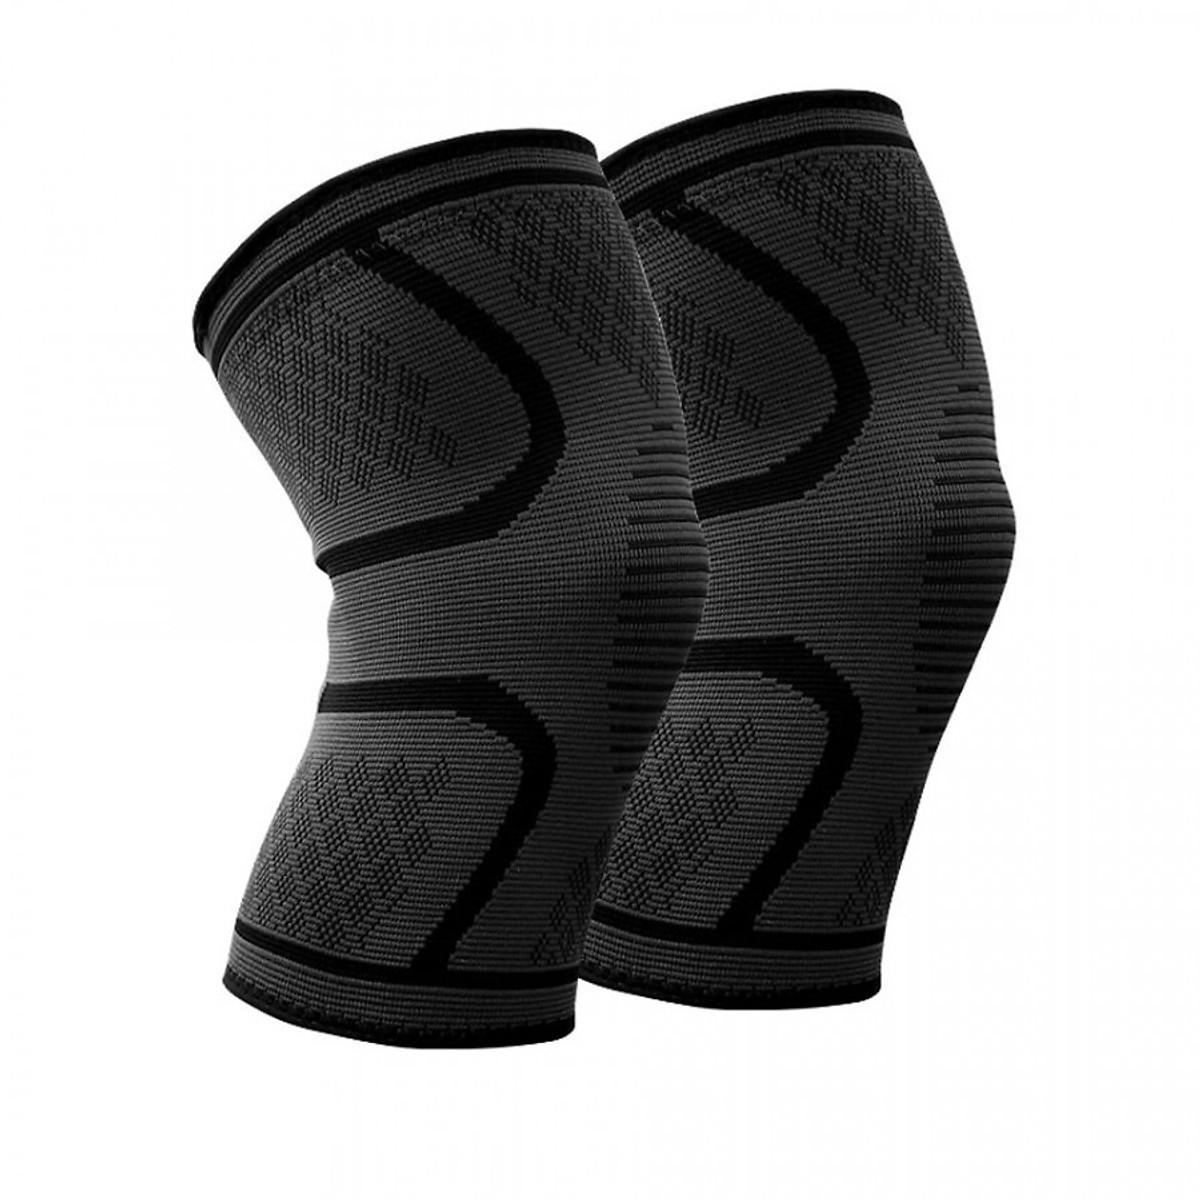 2 Băng bảo vệ đầu gối - Băng gối thể thao cao cấp (SP073)